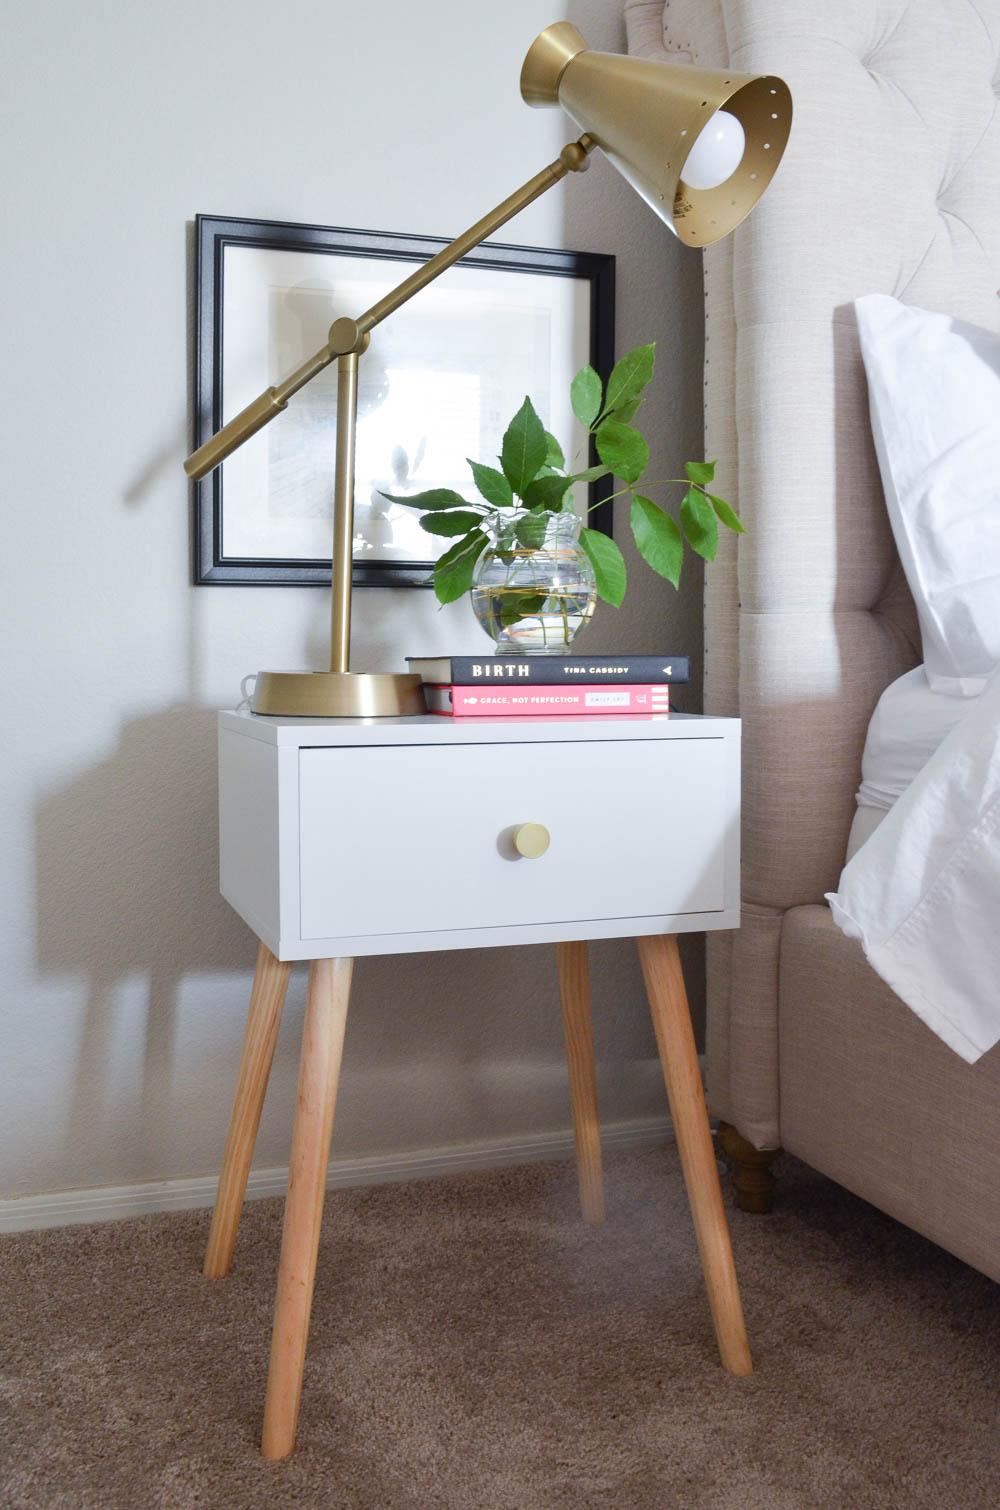 Master Bedroom | CoSleeping Bedroom | CoSleeping | Newborn | NightStand